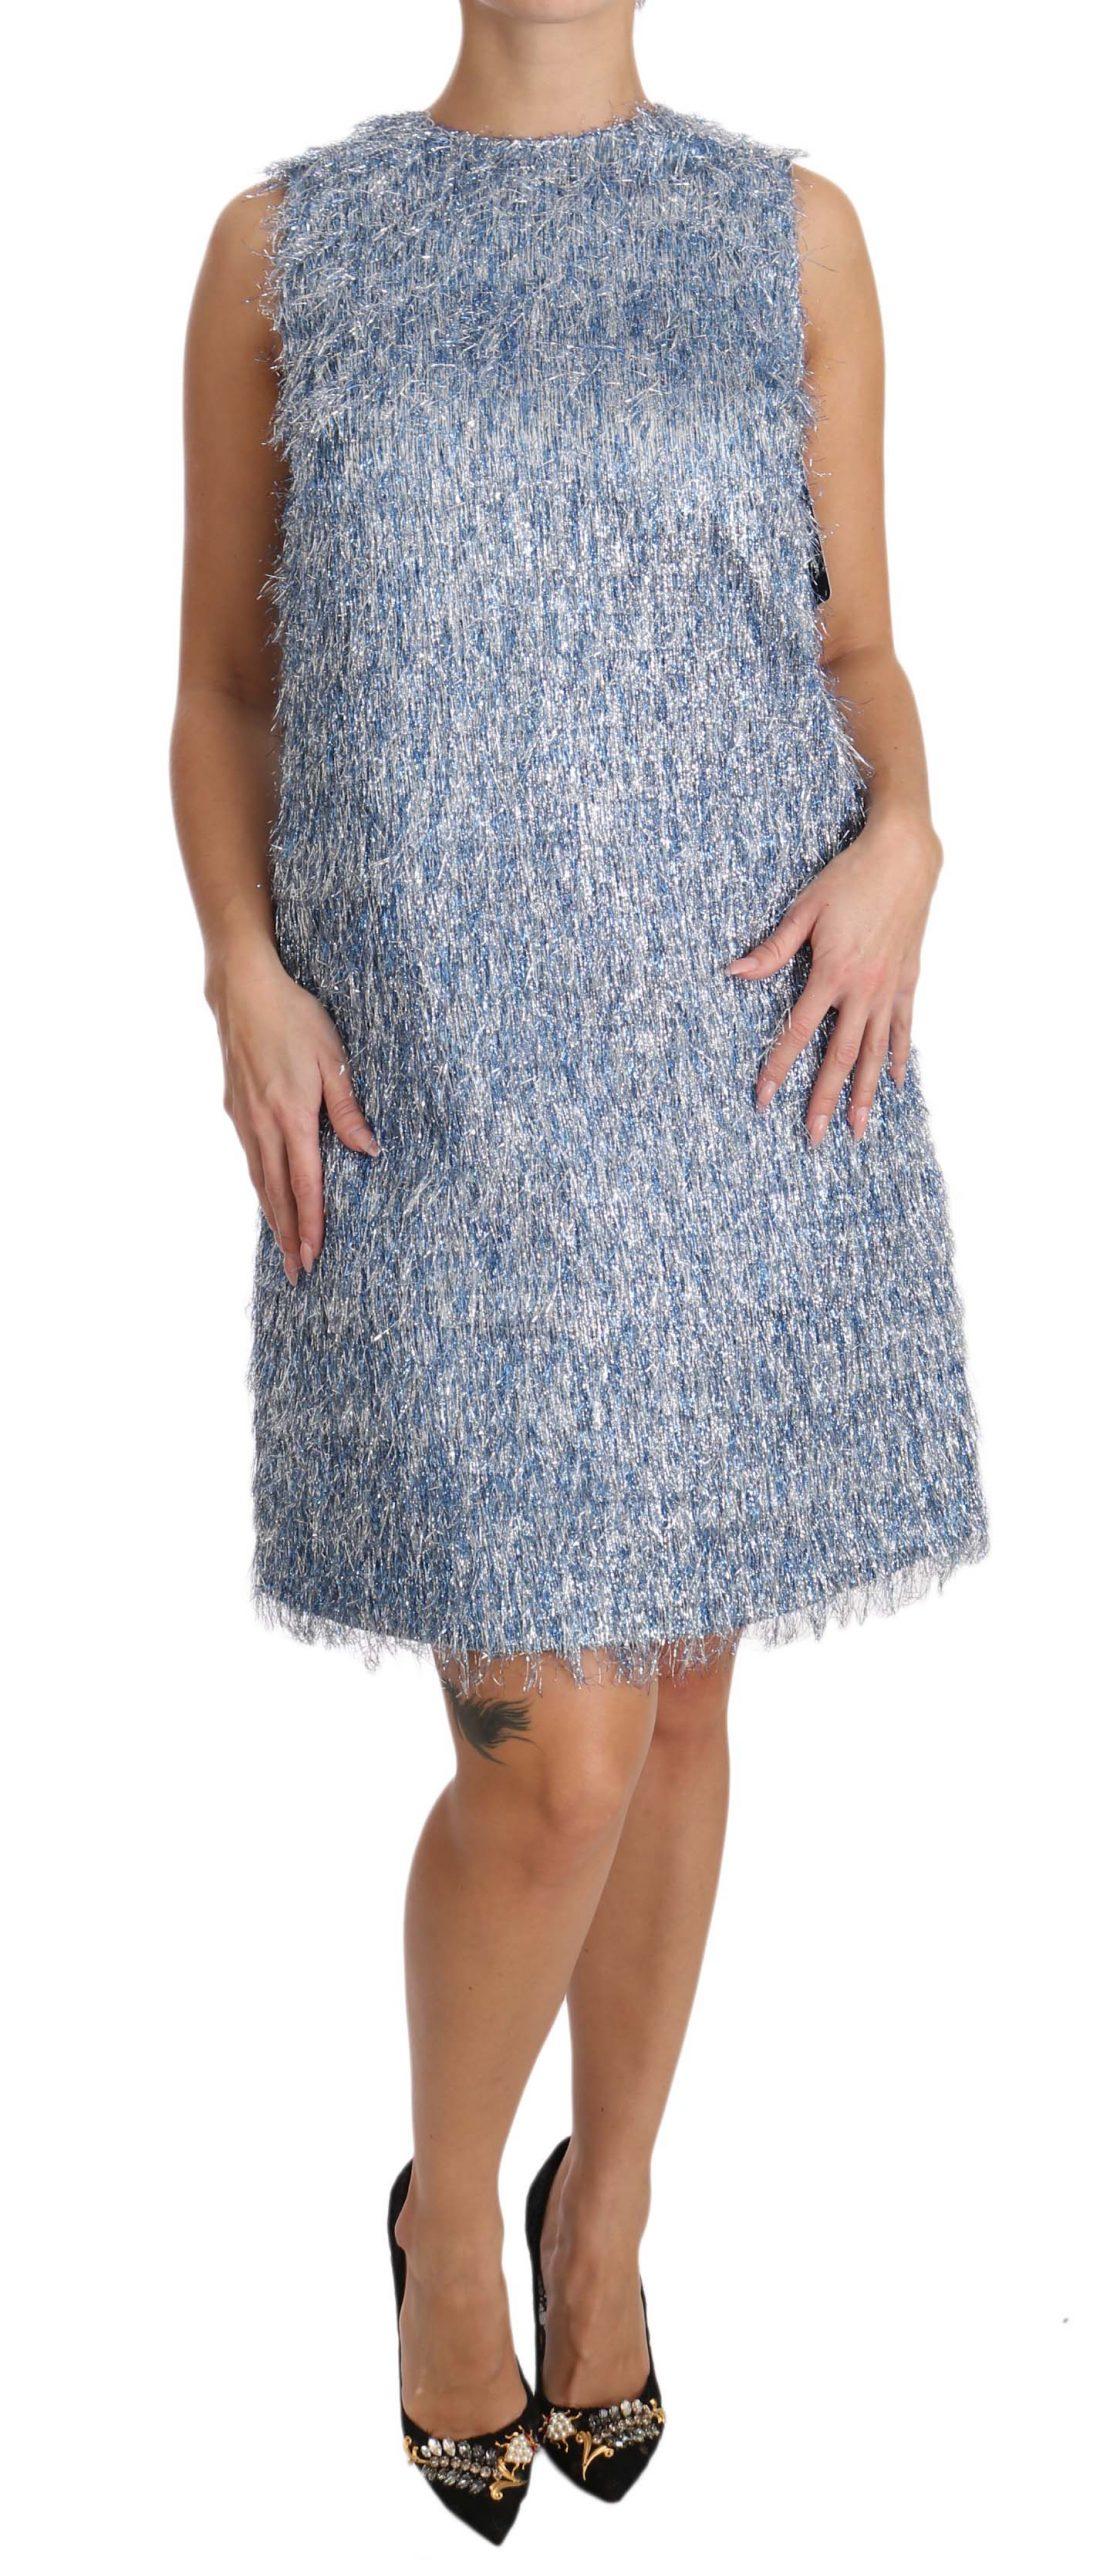 Dolce & Gabbana Women's Fringe Shift Dress Light Blue DR1603 - IT40 S